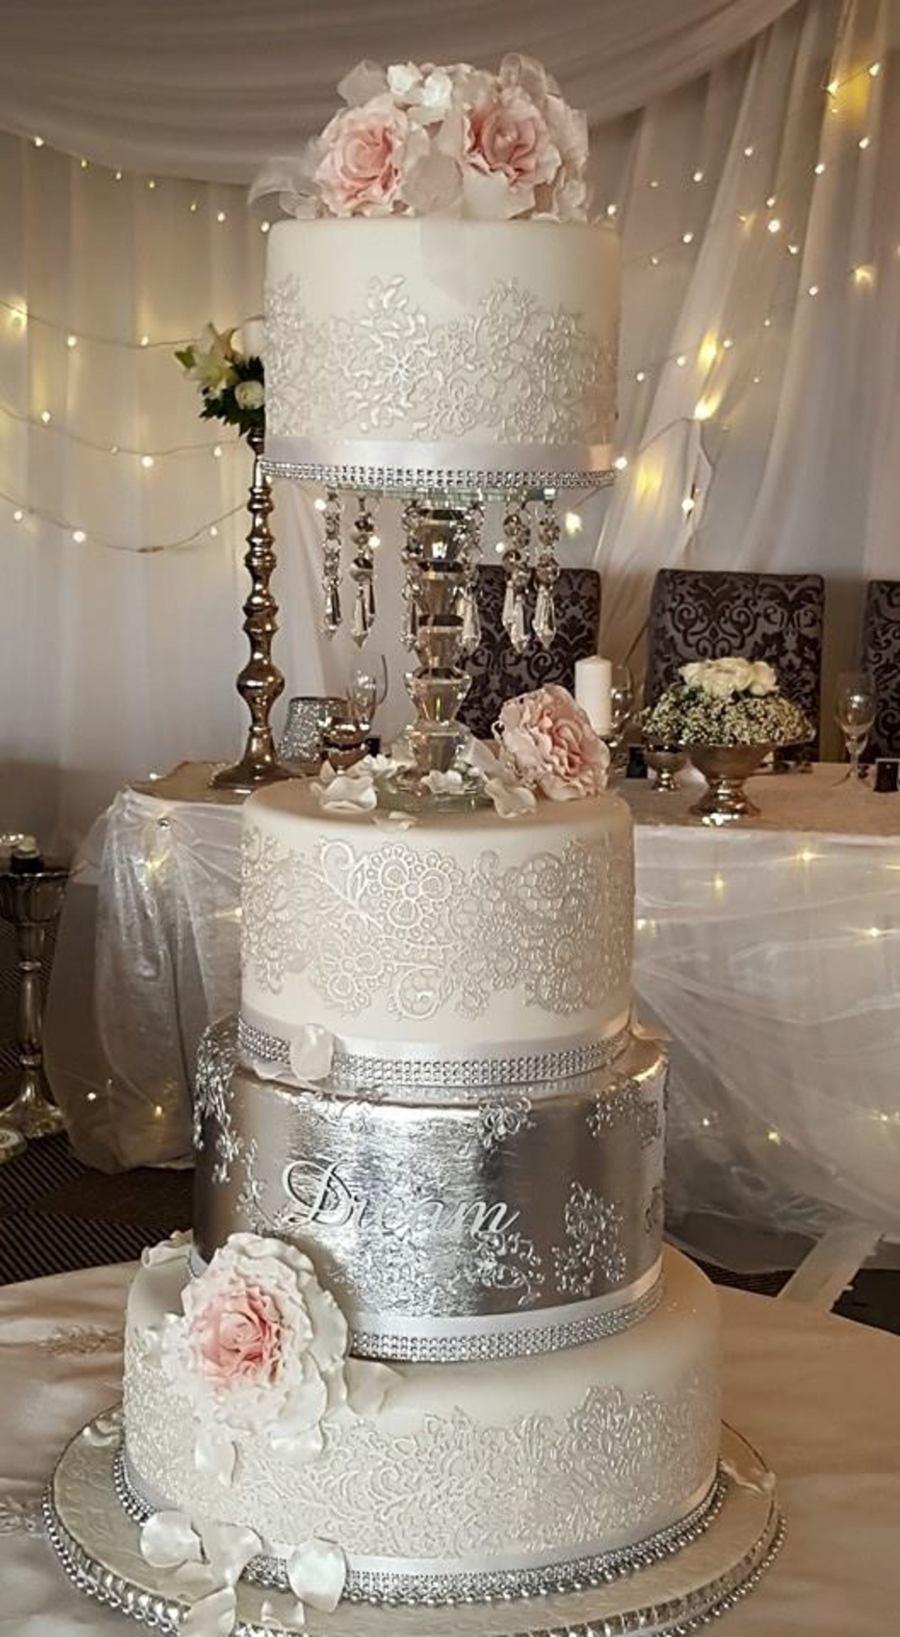 Wedding Cakes Unique  Wedding Cake Silver Dreams 2015 Cornelia Marreiros